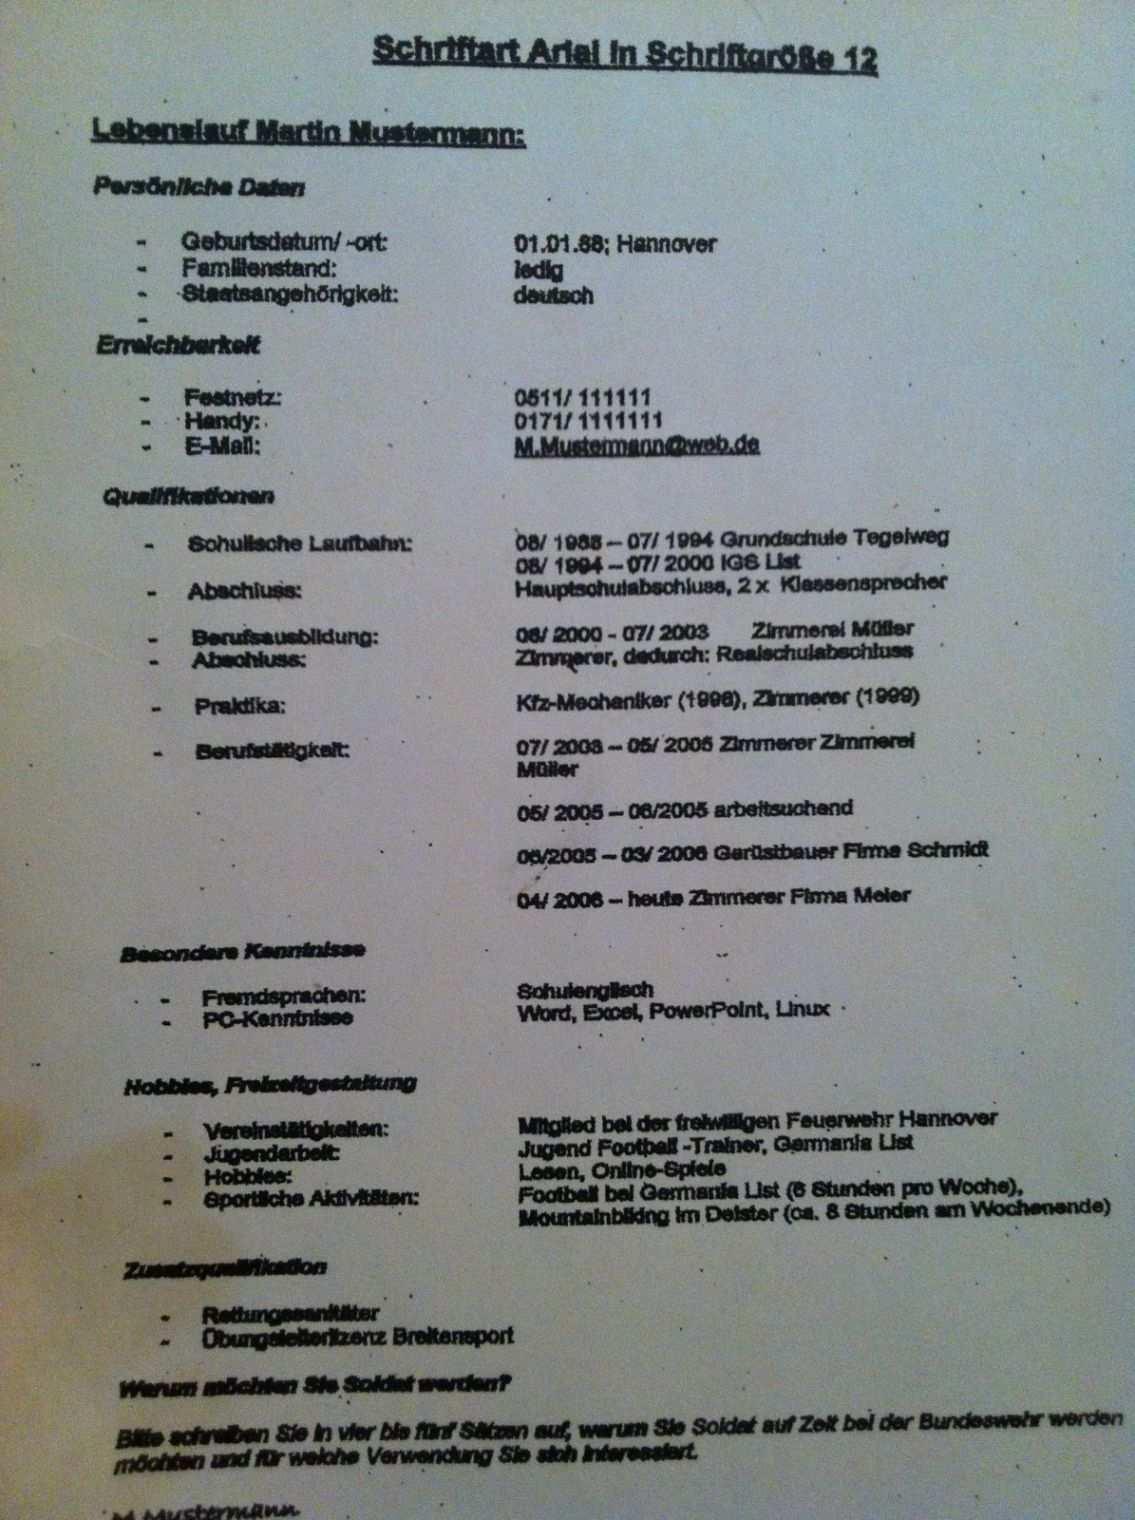 Eine Probe Von Bundeswehrforumde Bewerbung Lebenslauf Nach Muster Muster Vorlage Lebenslauf Bundeswehr In 2020 Vorlagen Lebenslauf Lebenslauf Bewerbung Lebenslauf